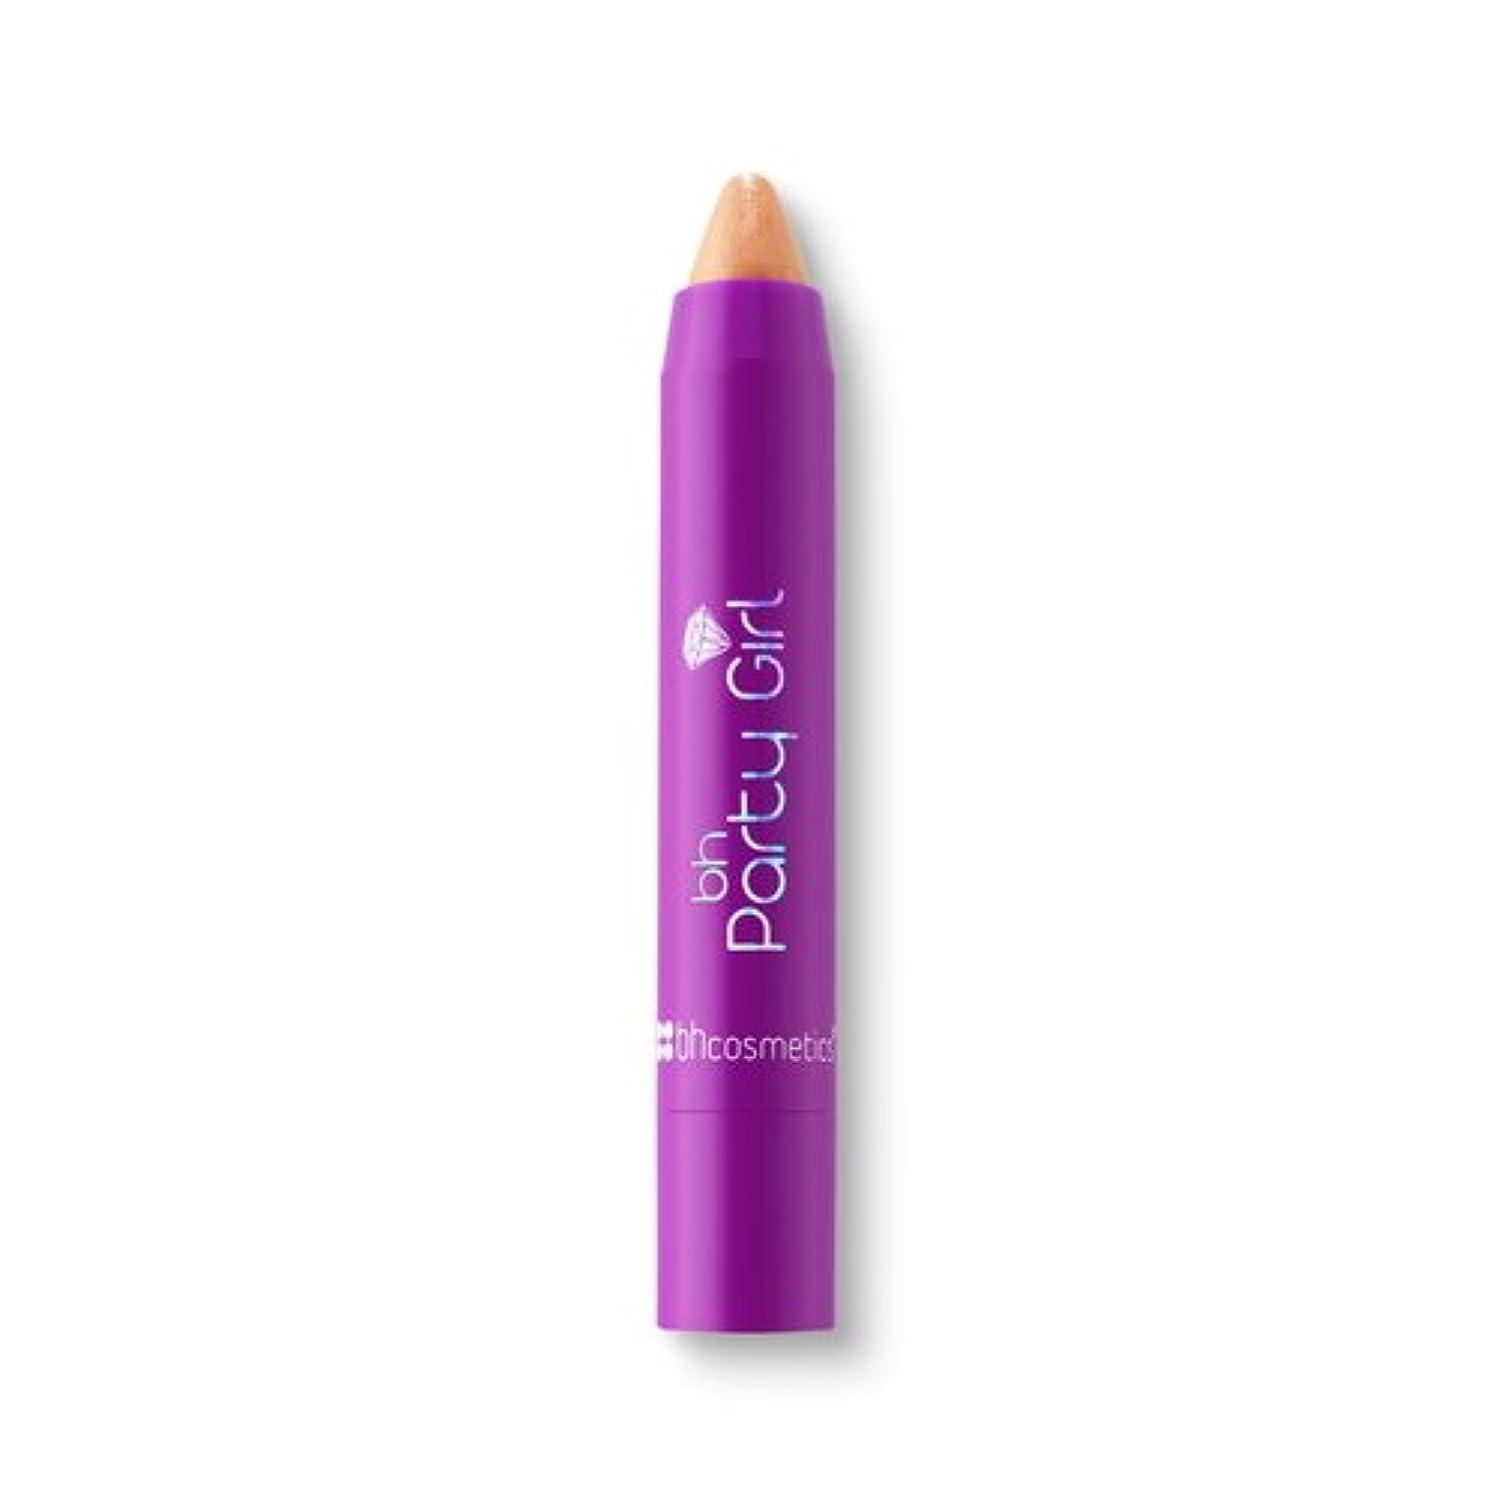 類人猿懐エスカレーター(3 Pack) BH Cosmetics Party Girl Twist Moisturizing Balm Stick - Rendezvous (並行輸入品)